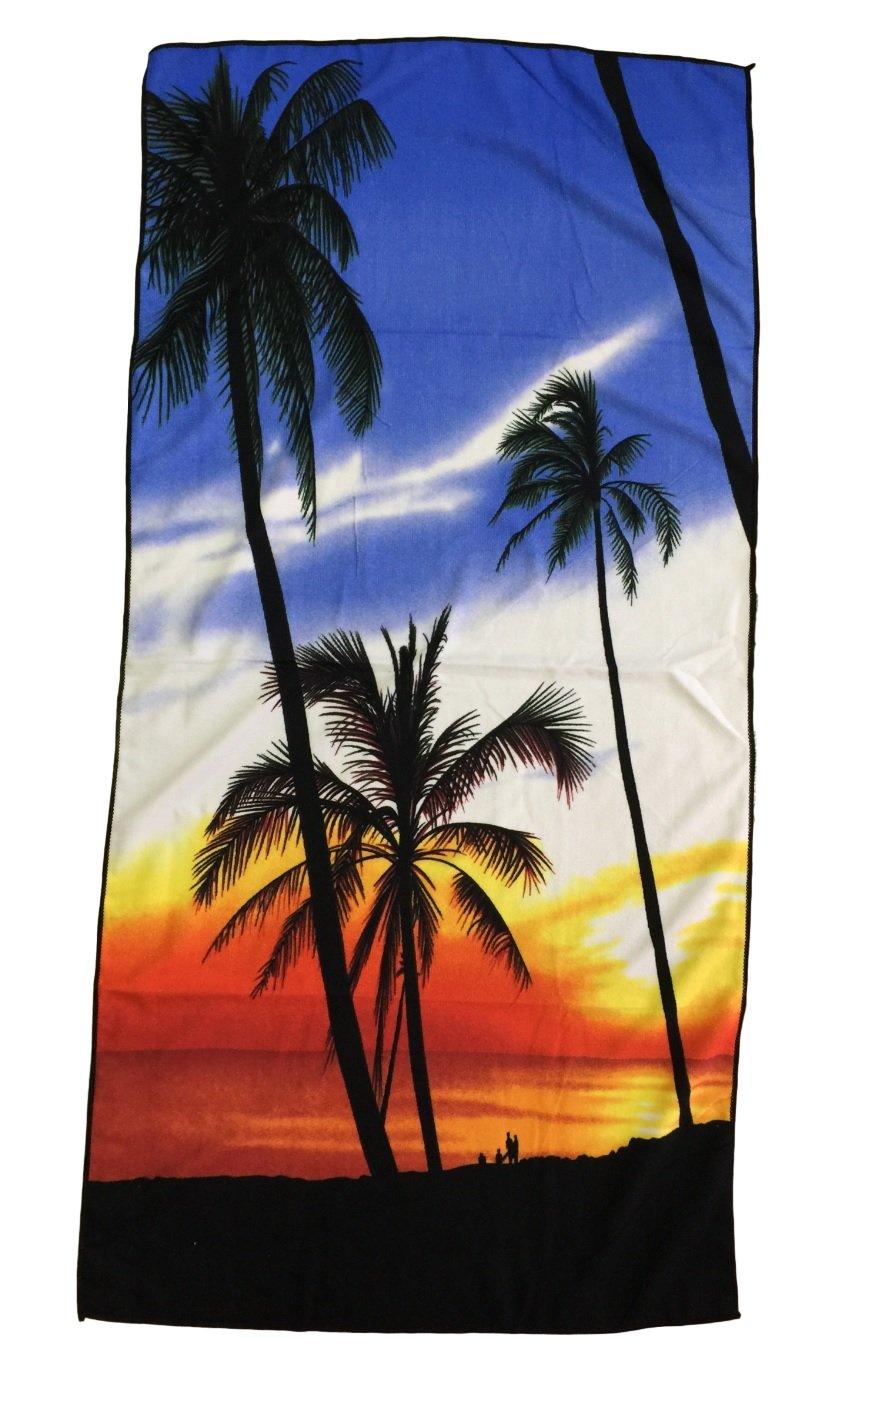 Ducomi Honolulu Asciugamano Ideale per Vacanze 70 x 140 cm Telo Mare da Spiaggia Massima Assorbenza e Morbidezza M-02 Spiaggie e Piscina